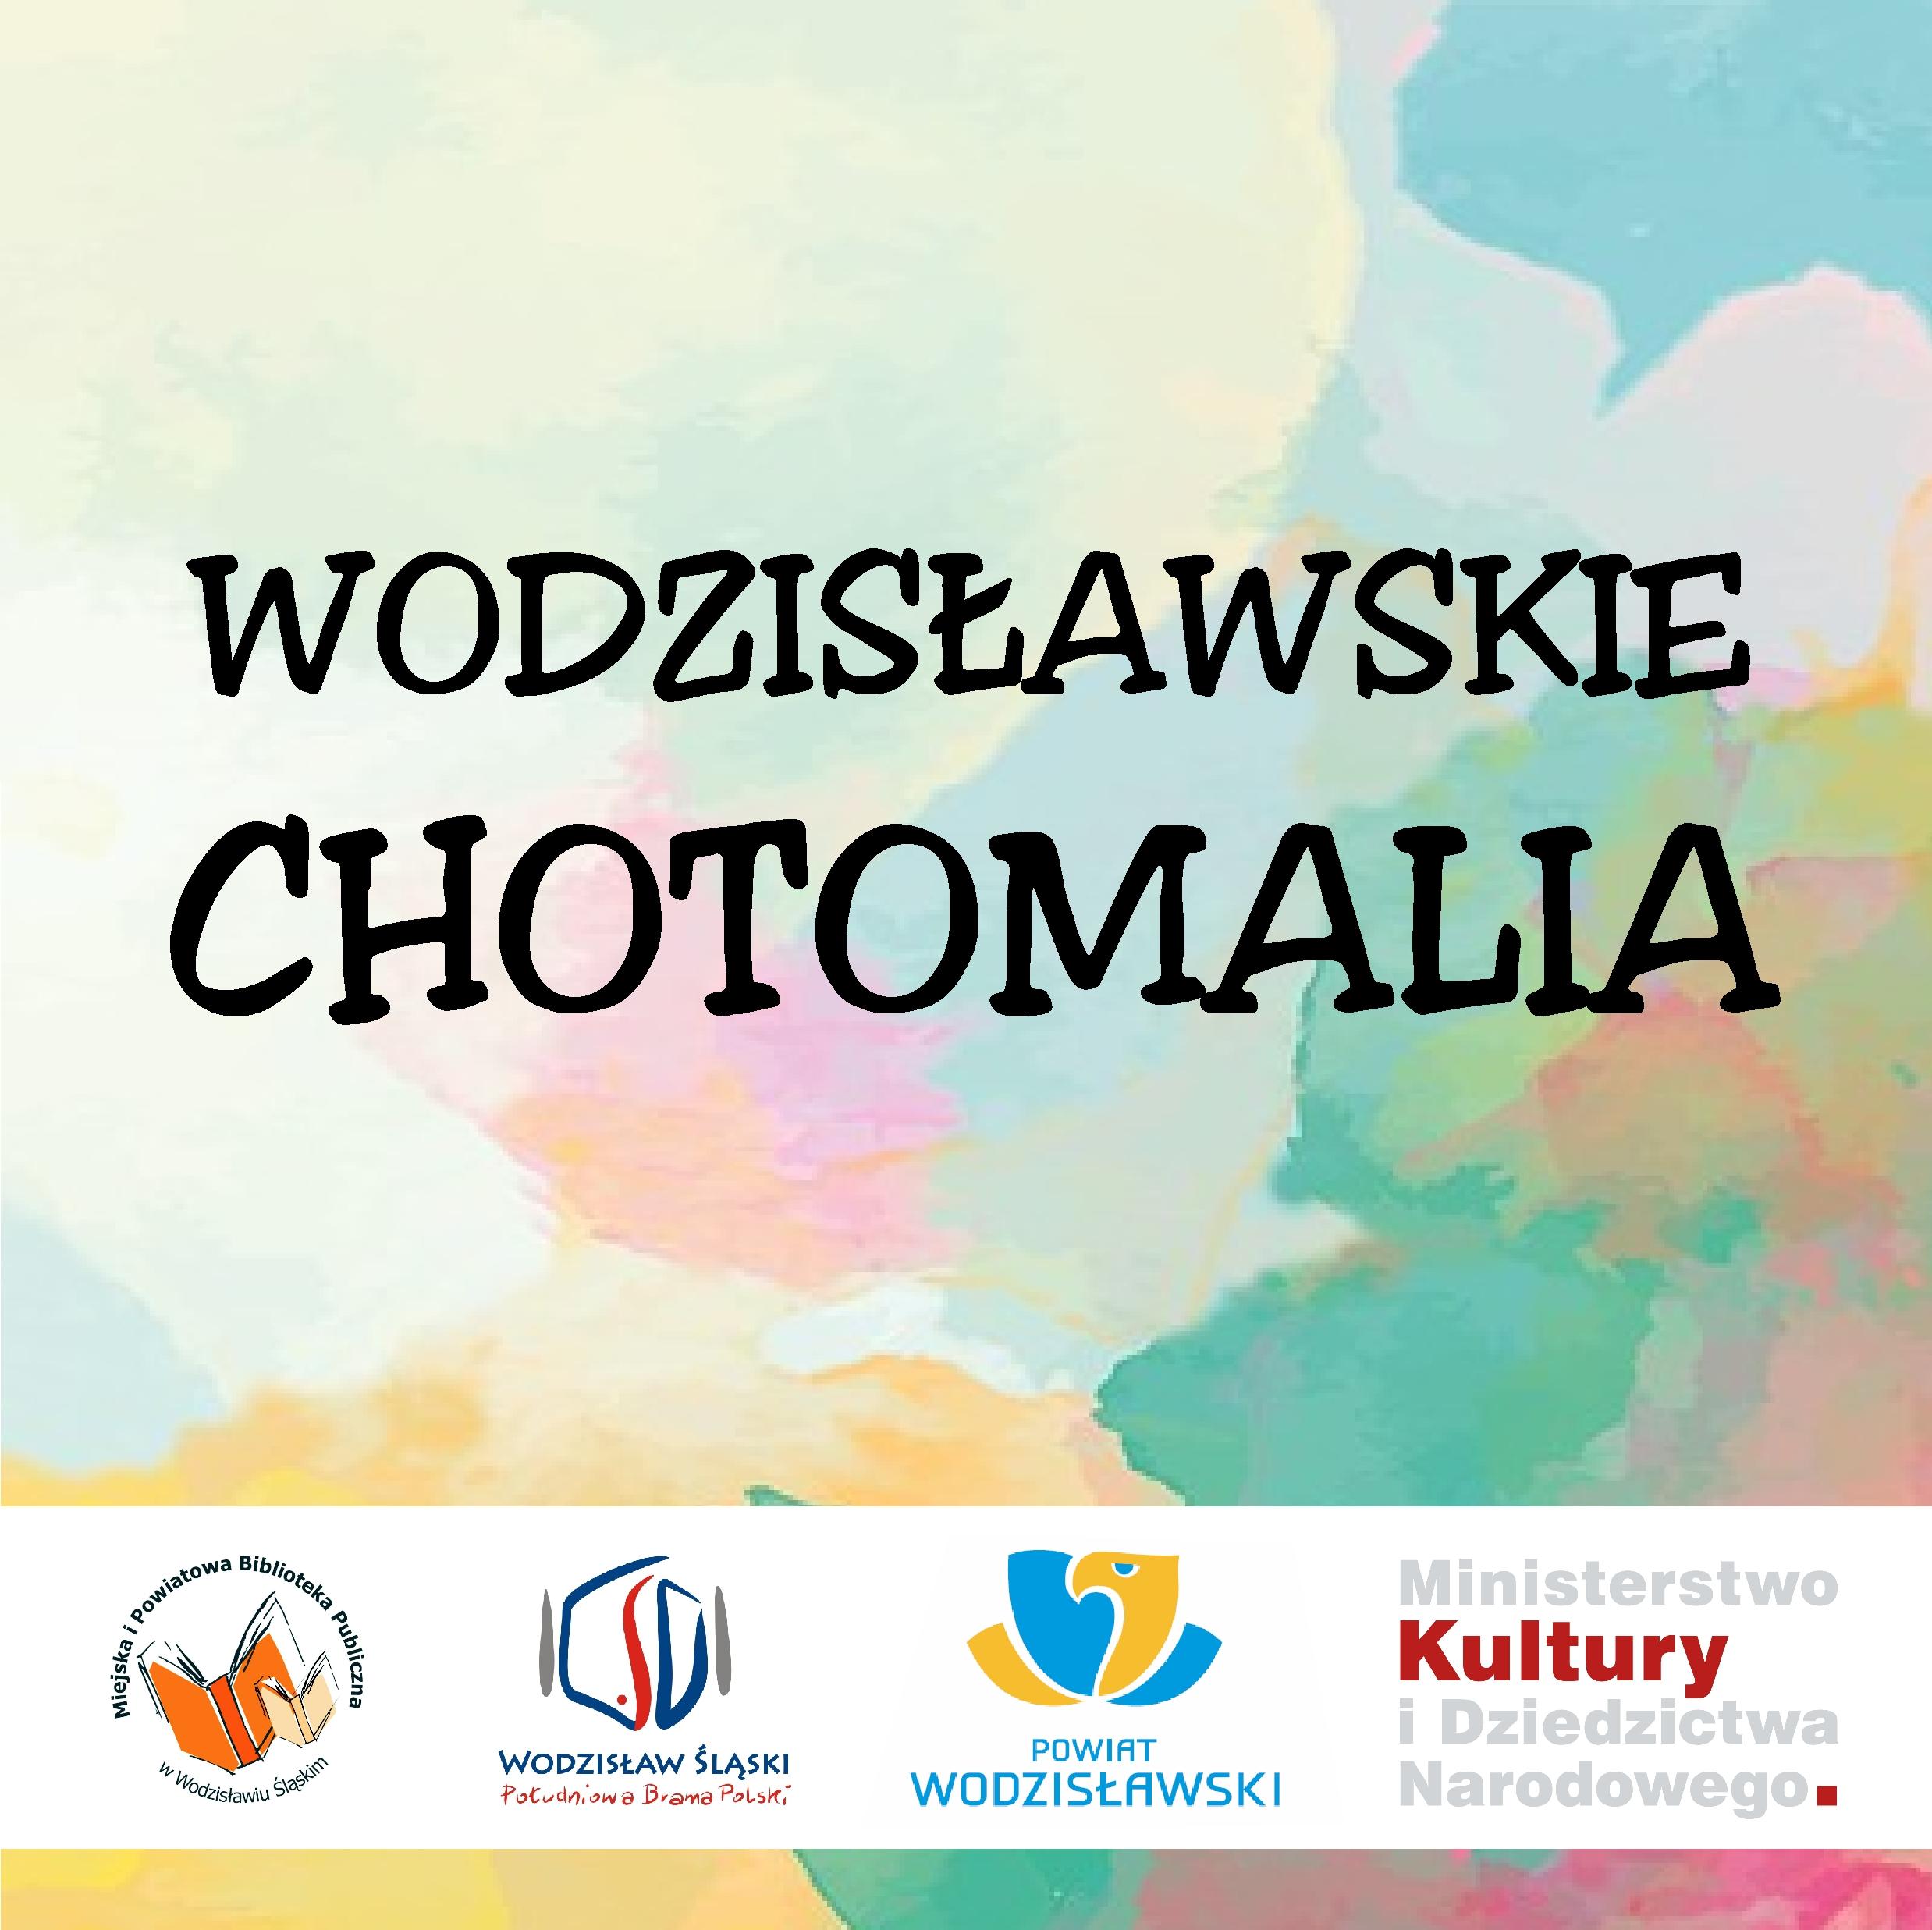 Wodzisławskie Chotomalia